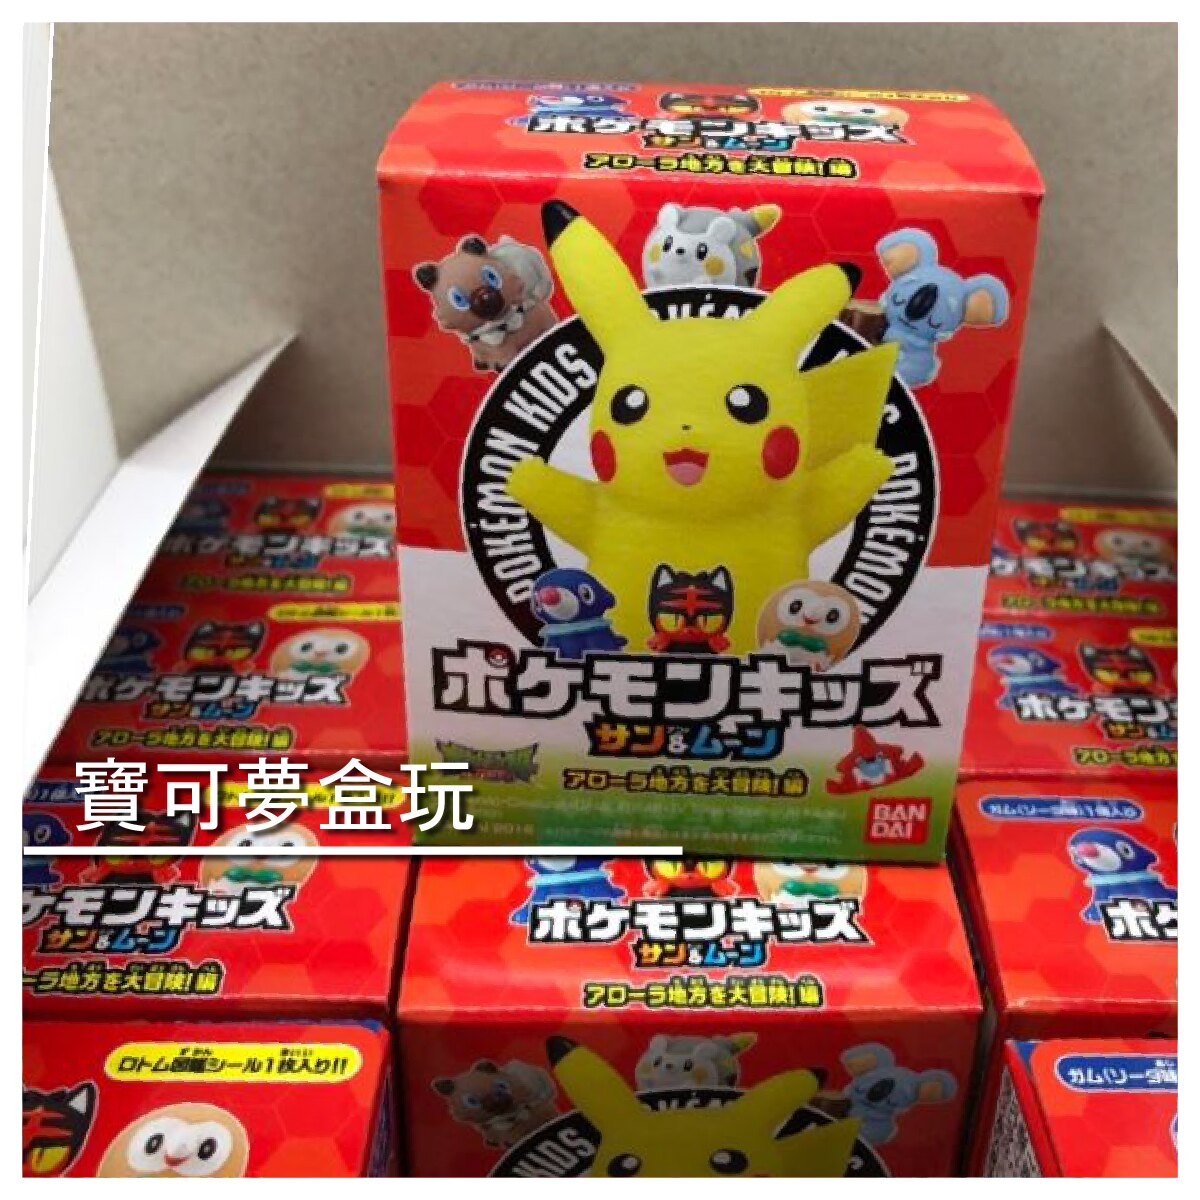 【尋寶日】寶可夢 一套12入 公仔 盒玩 八款 神奇寶貝 日本空運 大特價 批發 正版授權 地方大冒險 POKEMON 擺飾 萬代授權